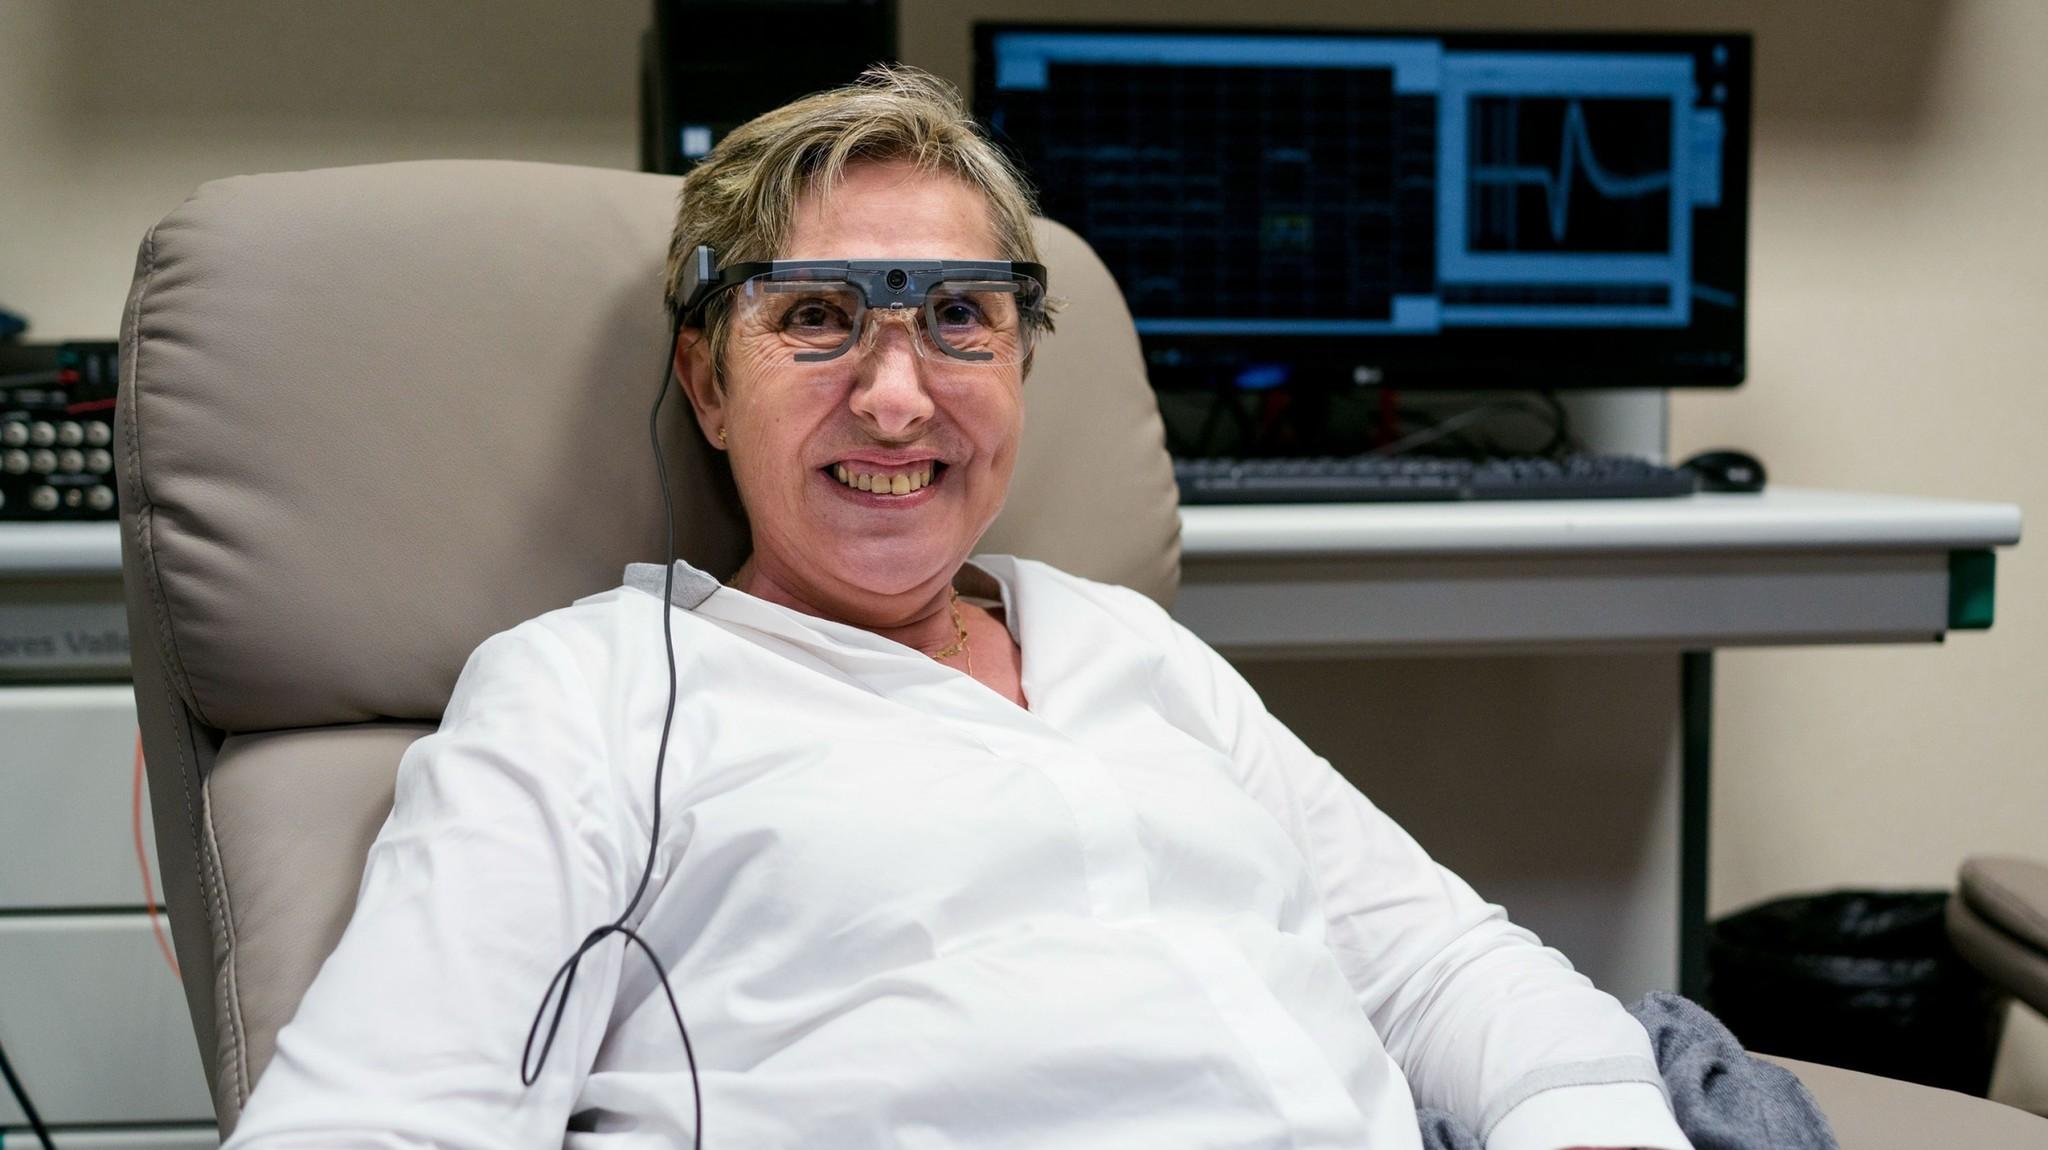 Good news, everyone. Испанский нейроинженер смог частично вернуть зрение слепой пациентке. Киберпанк начинается